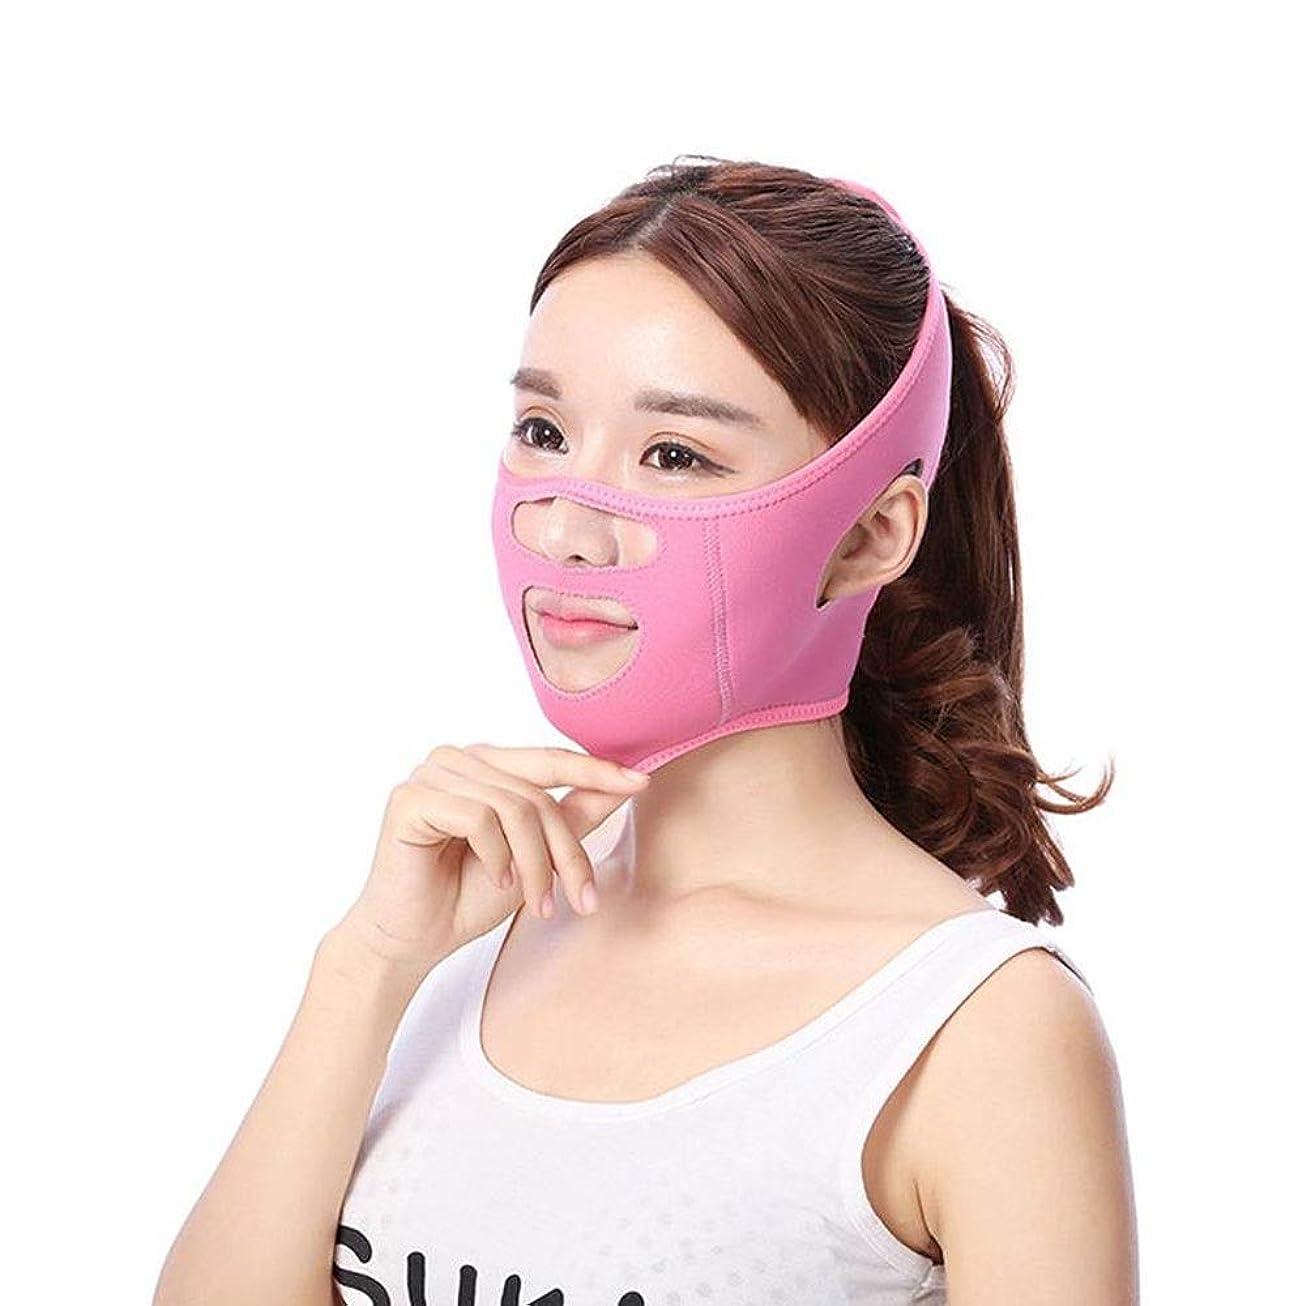 オズワルド綺麗な遊具Jia Jia- シンフェイスアーティファクトリフティング引き締めフェイス睡眠包帯フェイシャルリフティングアンチ垂れ下がり法律パターンステッカー8ワード口角 - ピンク 顔面包帯